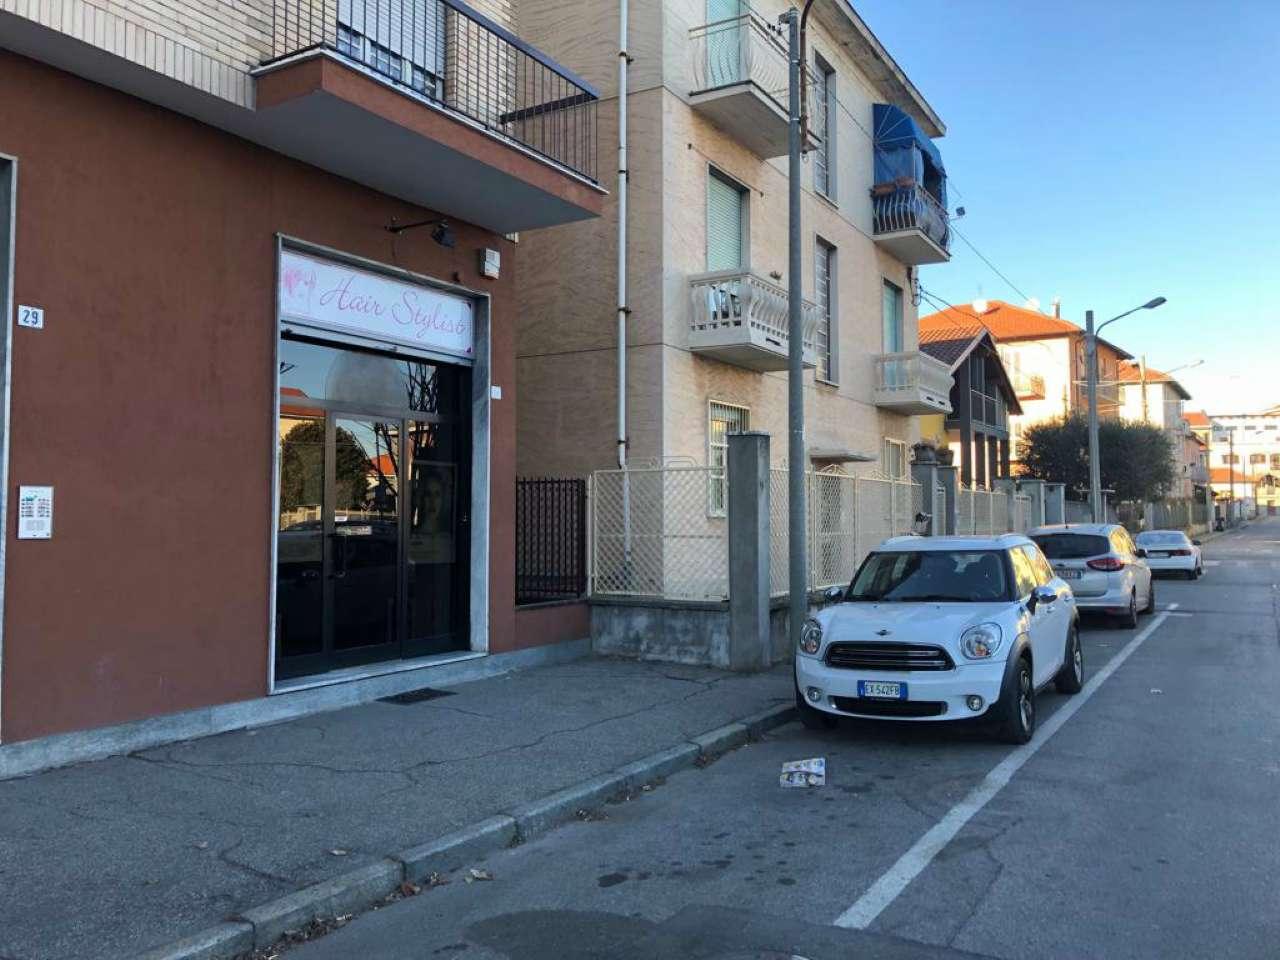 Negozio / Locale in vendita a Grugliasco, 2 locali, prezzo € 39.000 | PortaleAgenzieImmobiliari.it